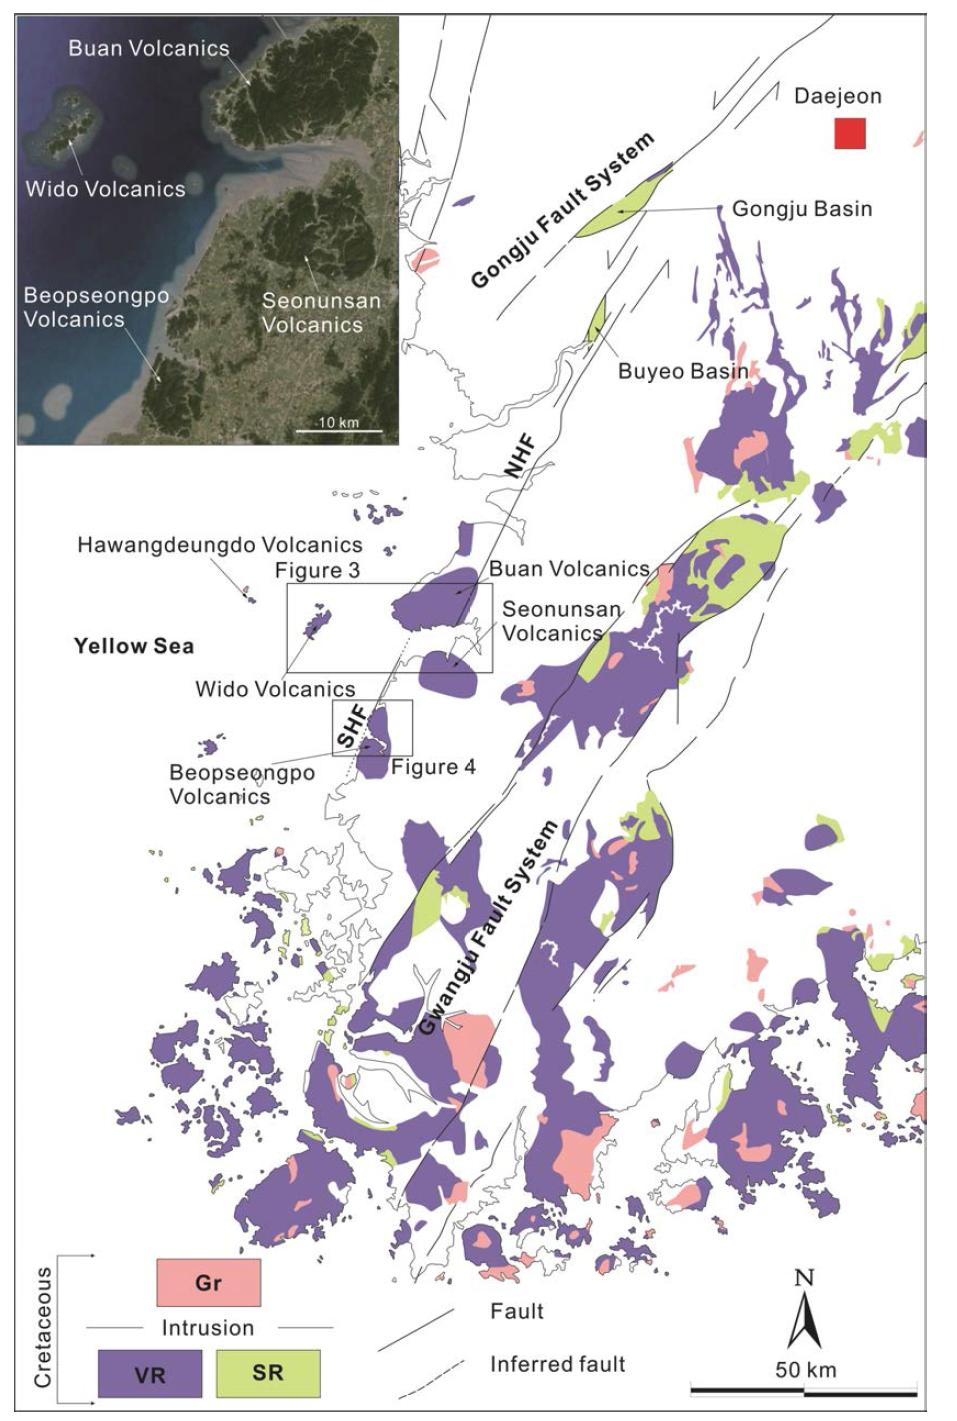 한반도 남서쪽에 분포하는 백악기 퇴적암(SR)-화산암(VR)-화강암(Gr)의 위성사진(삽도)과 분포도.